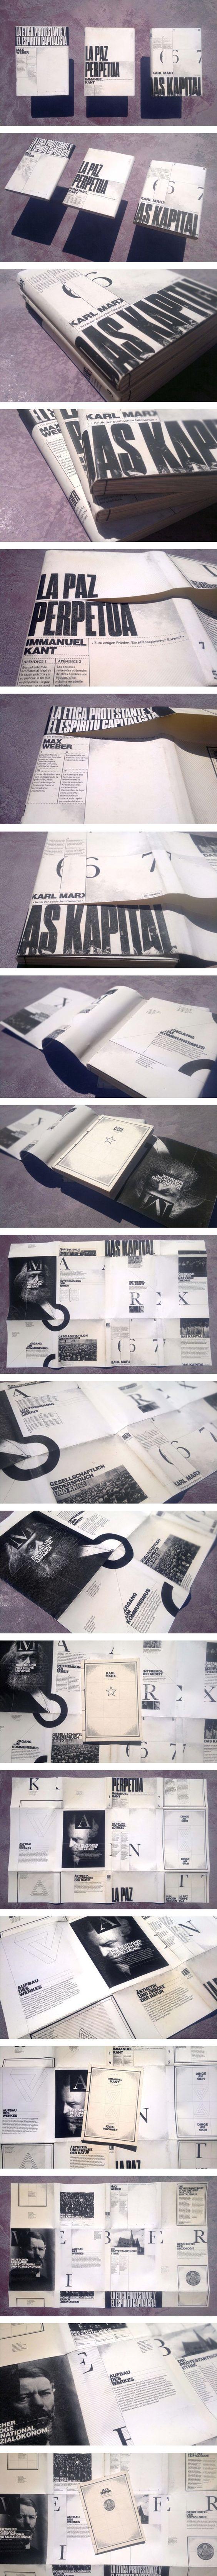 Political essay Book collection - jornal, noticia desaparecimento / texto continuado em um e outro